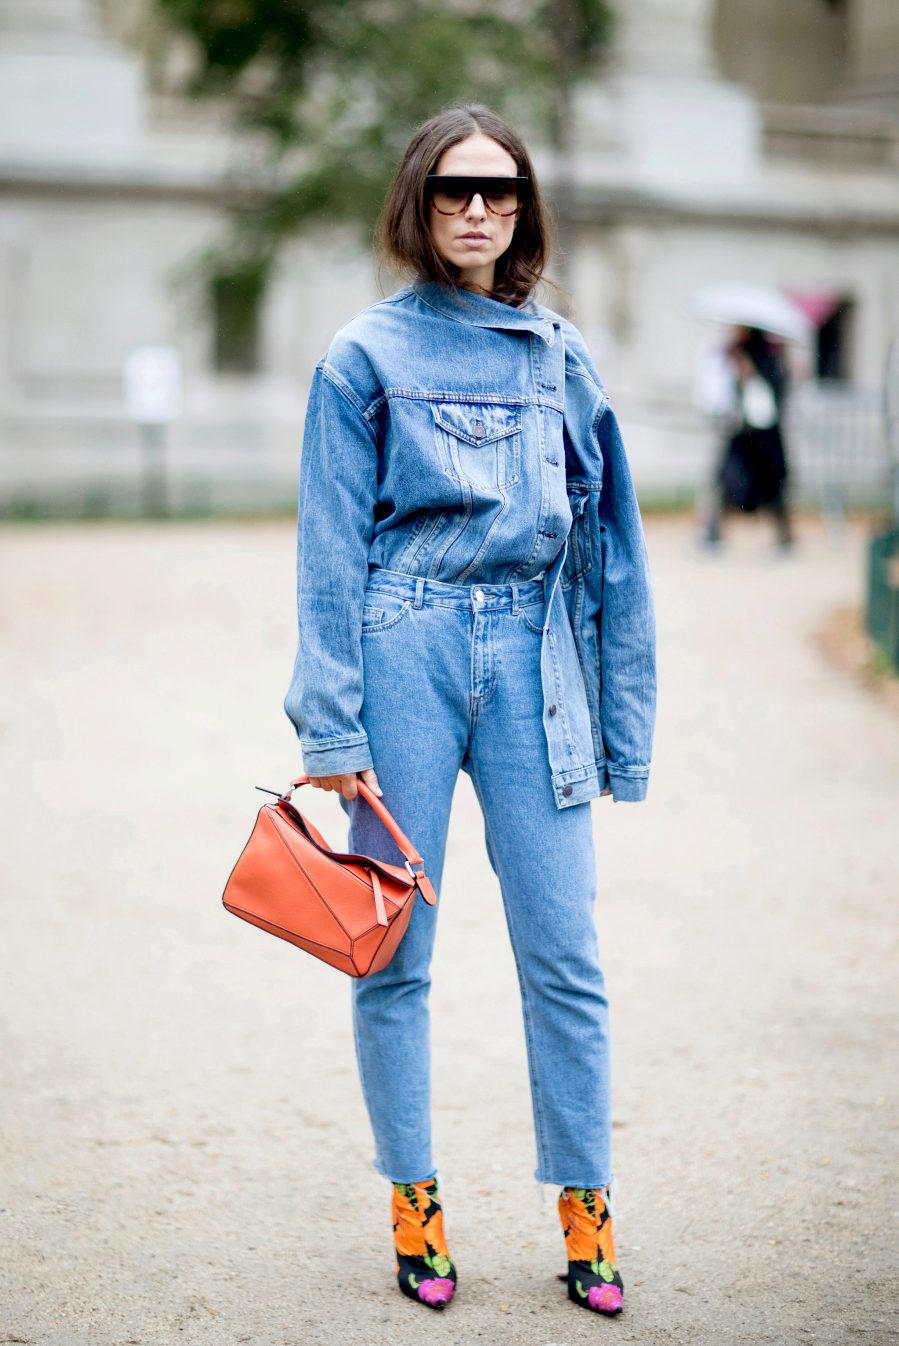 Verónica Heilbrunner en la semana de la moda de Londres, con total look vaquero